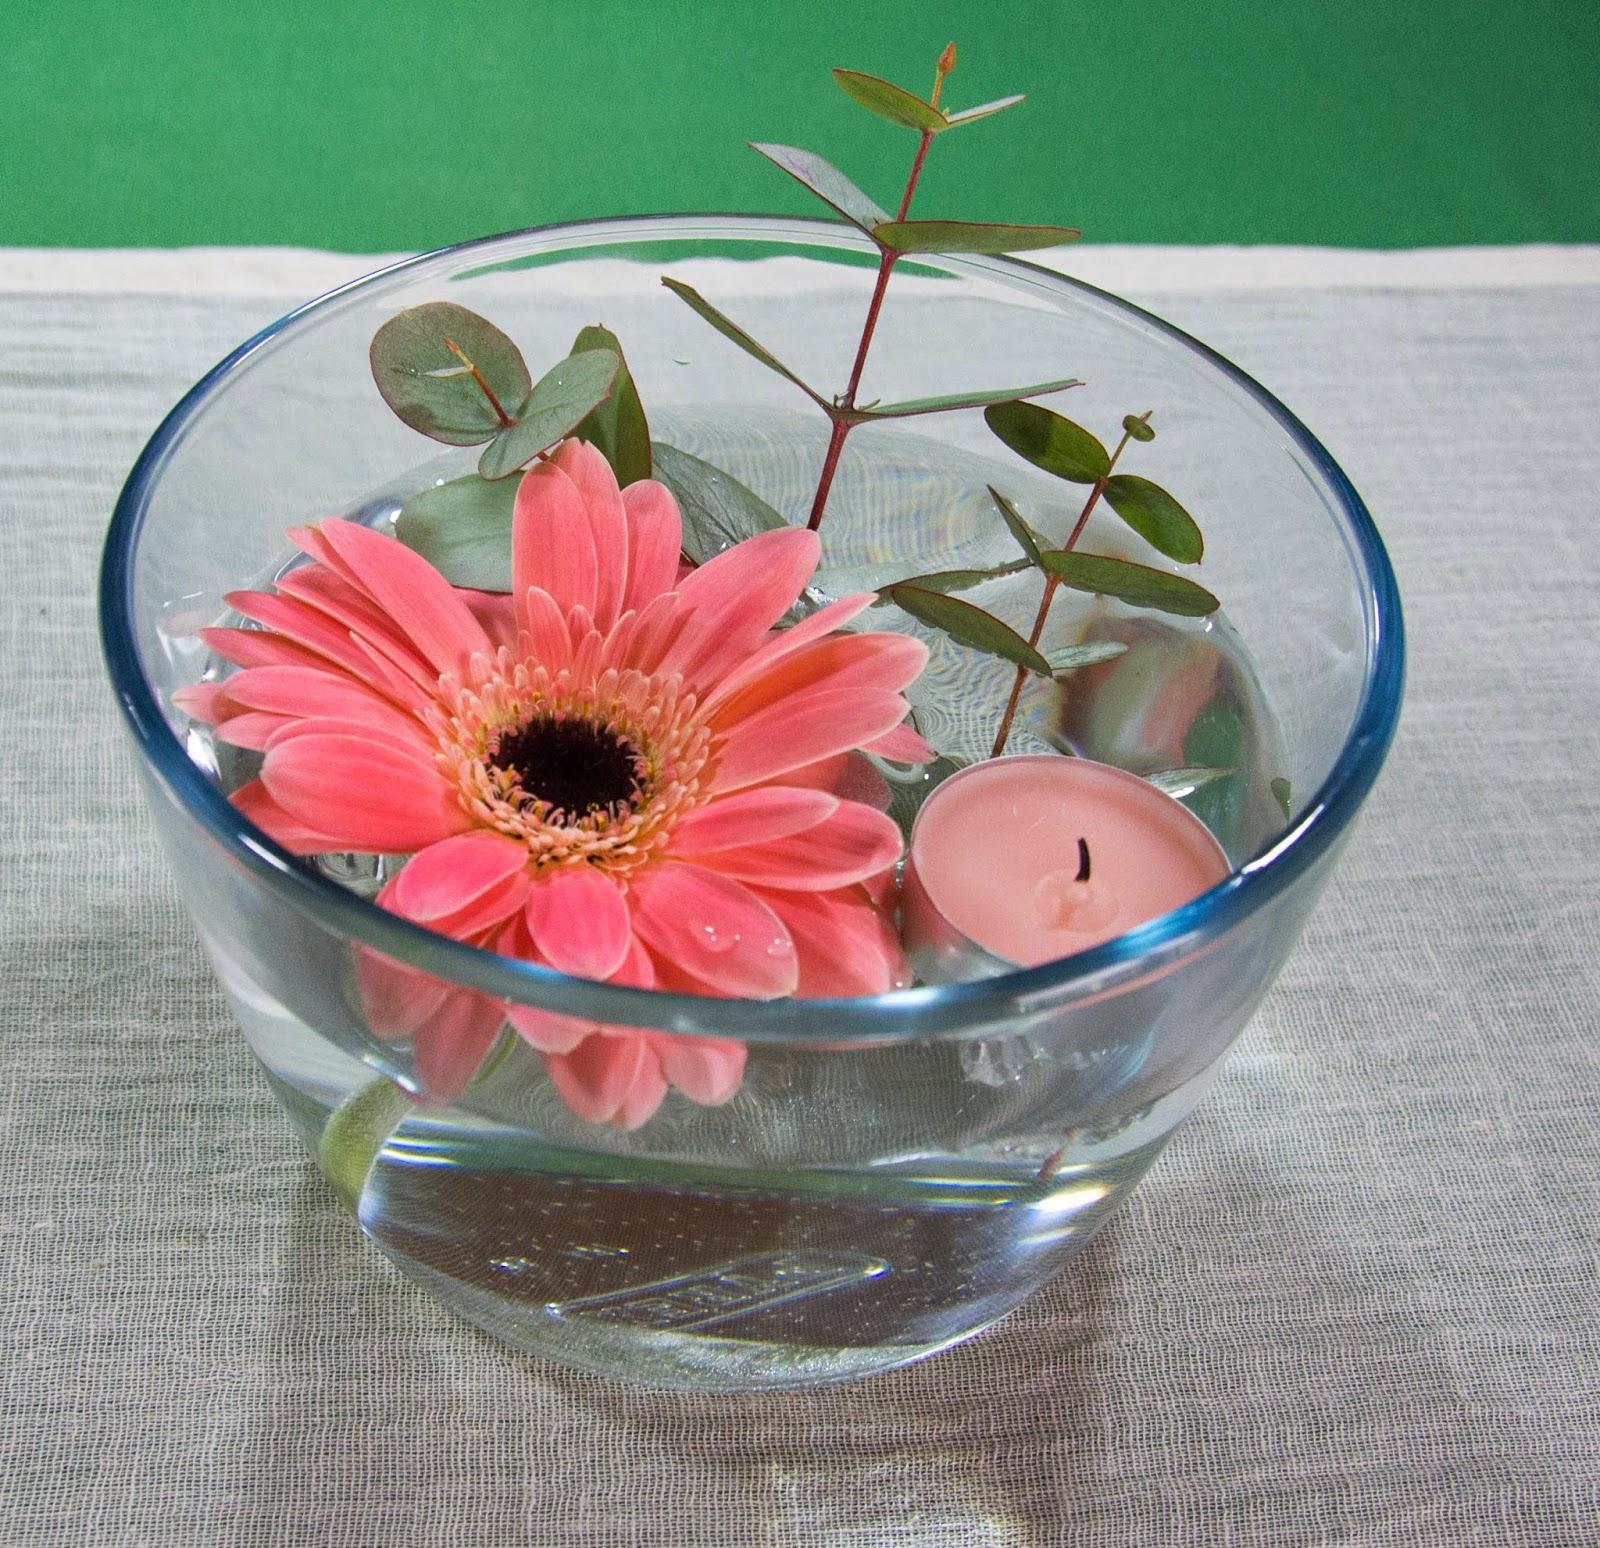 Centros de mesa para boda económicos y elegantes  - Imagenes De Centros De Mesa Con Flores Naturales